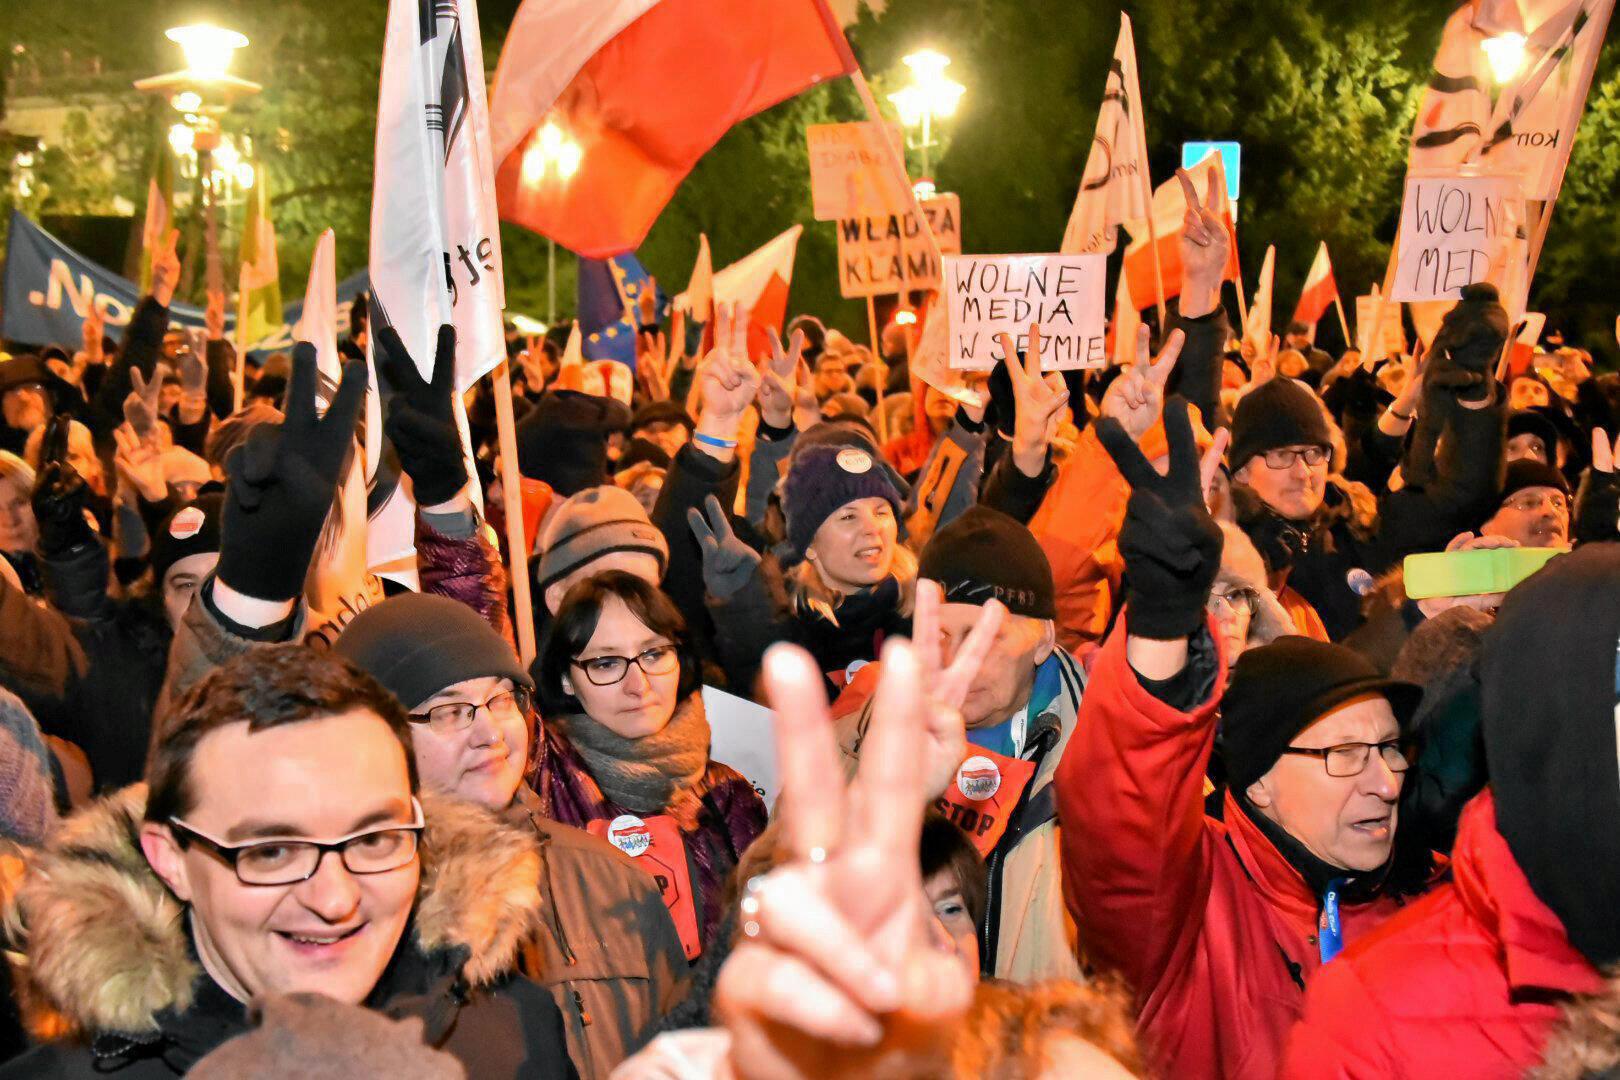 Biểu tình trước Quốc Hội ở Vacxava, Ba Lan, chống luật mới hạn chế tự do báo chí. Ảnh 16/12/2016.